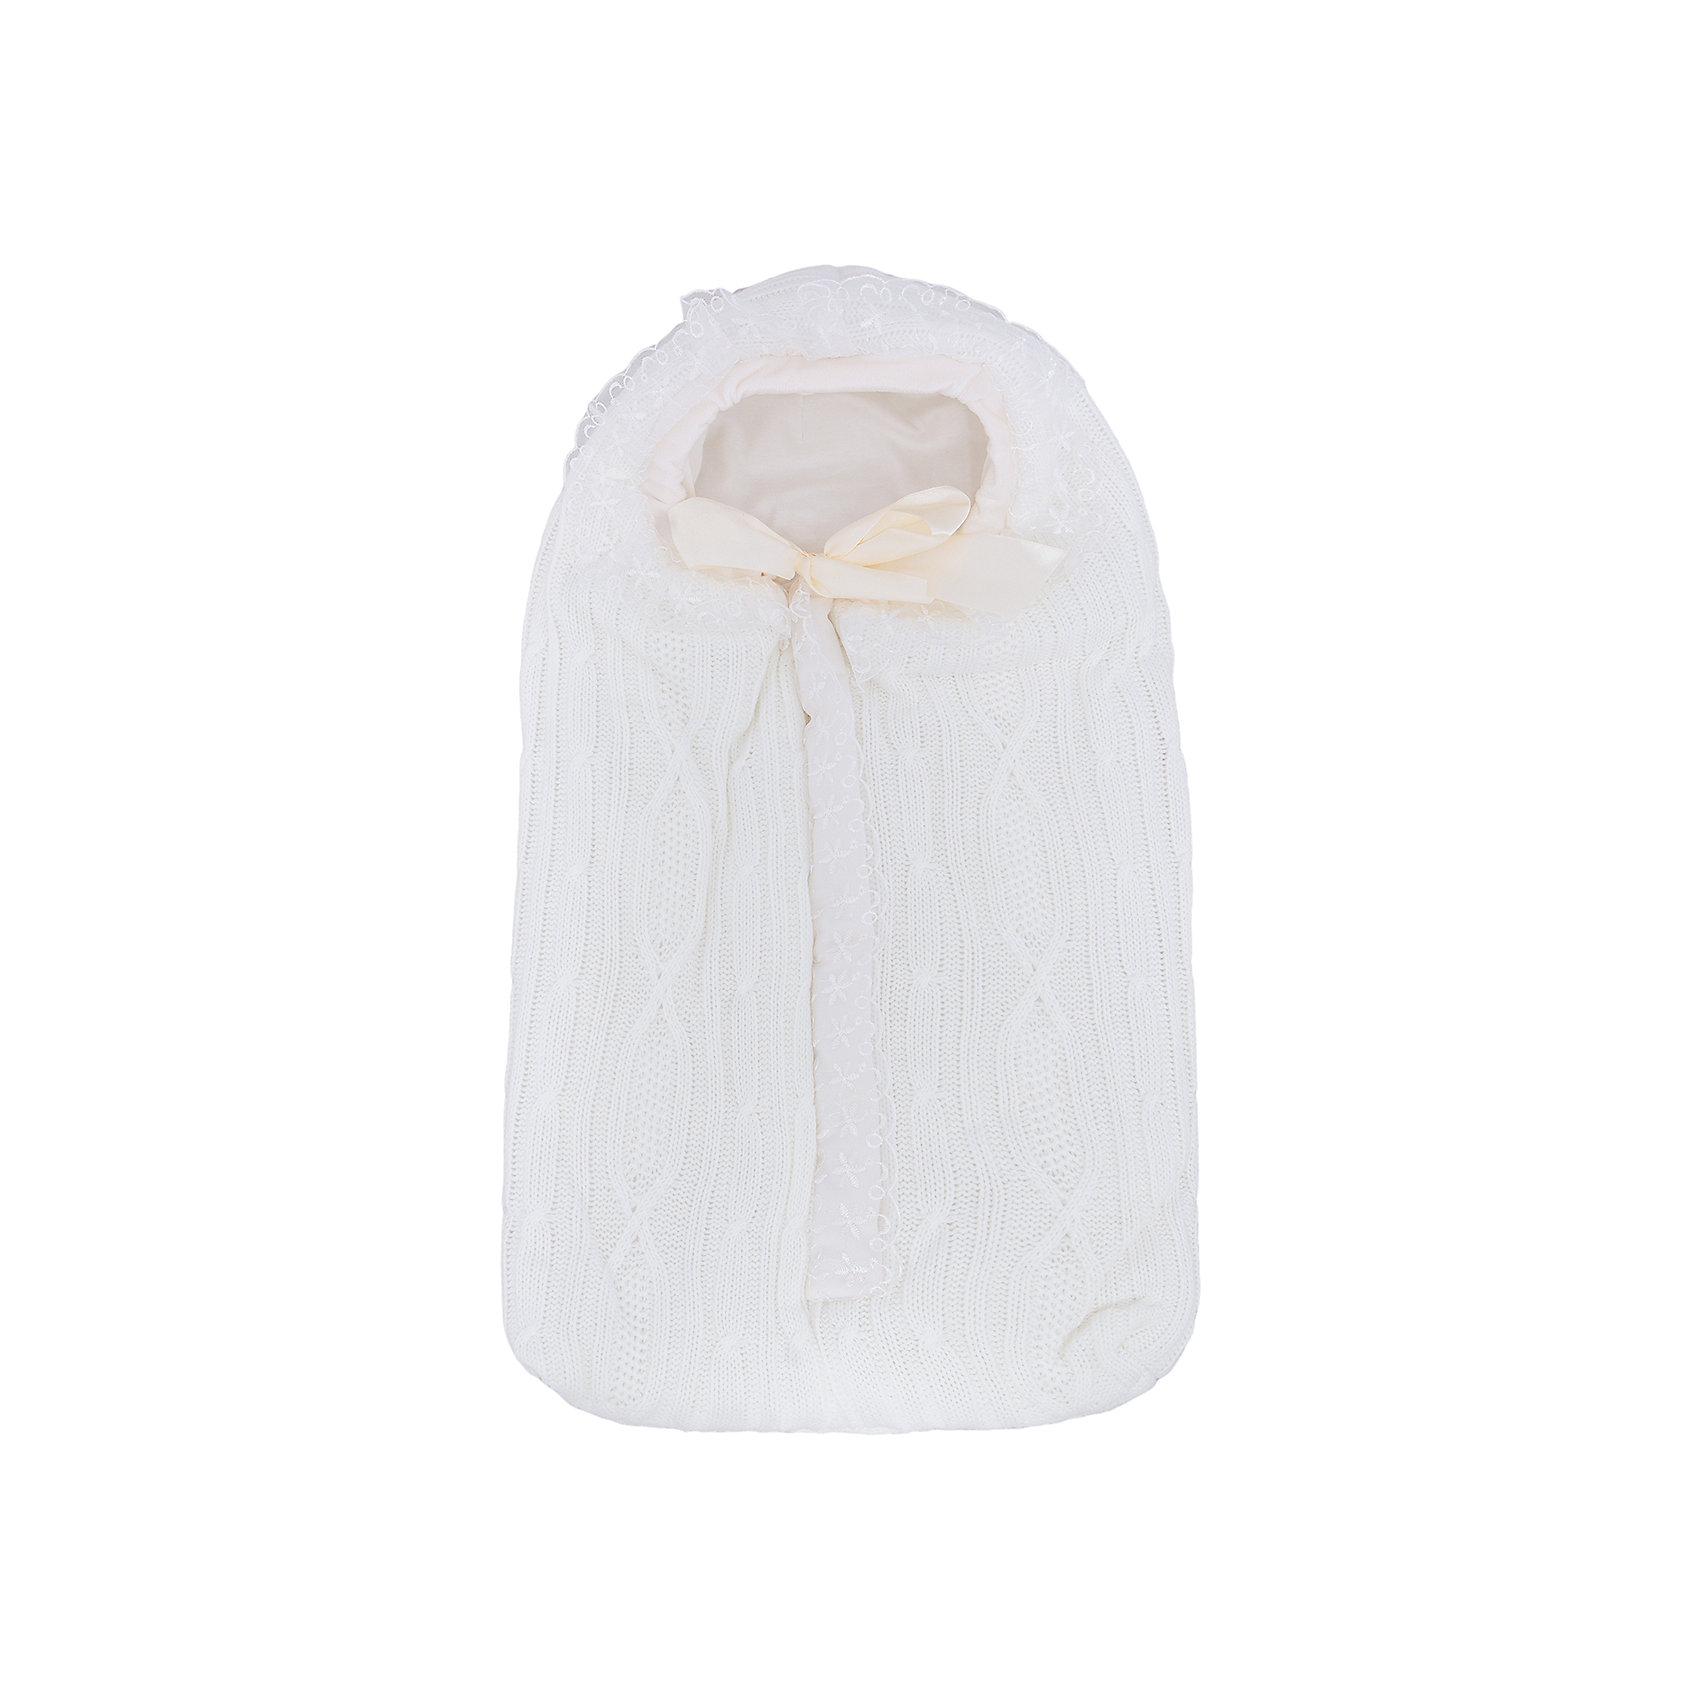 Сонный гномик Конверт на выписку Радость Сонный гномик, молочный сонный гномик конверт зимний норд серый